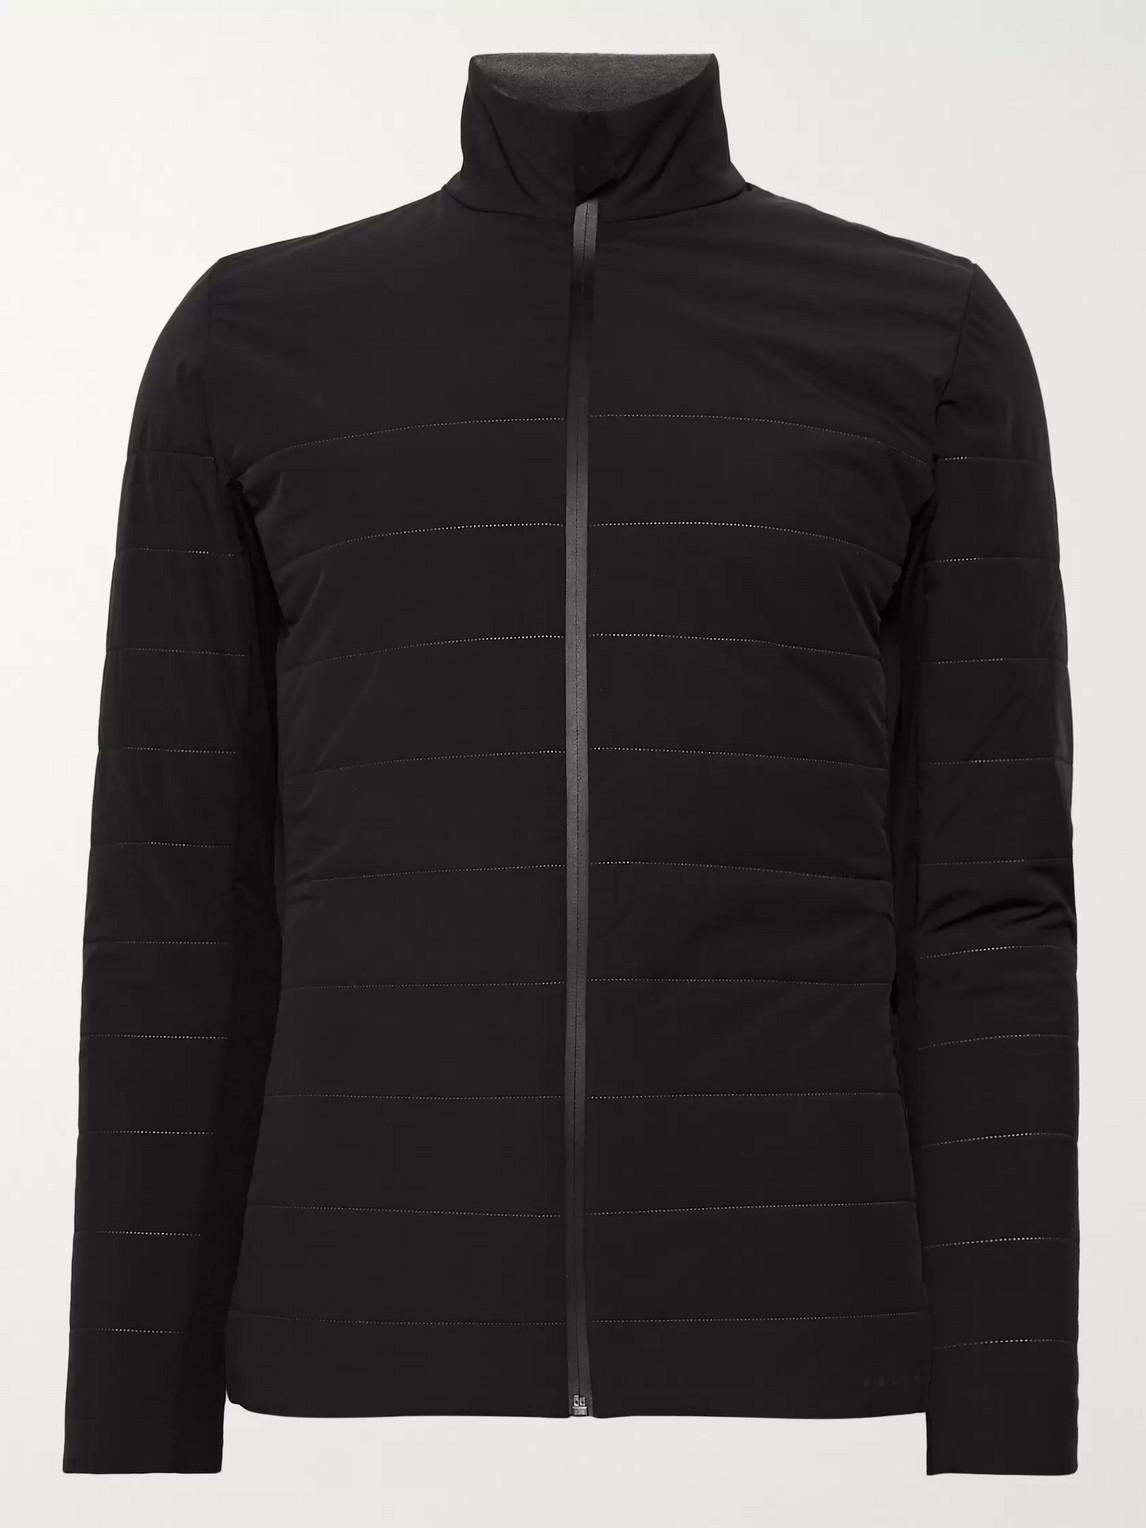 falke ergonomic sport system - shield quilted primaloft ski jacket - men - black